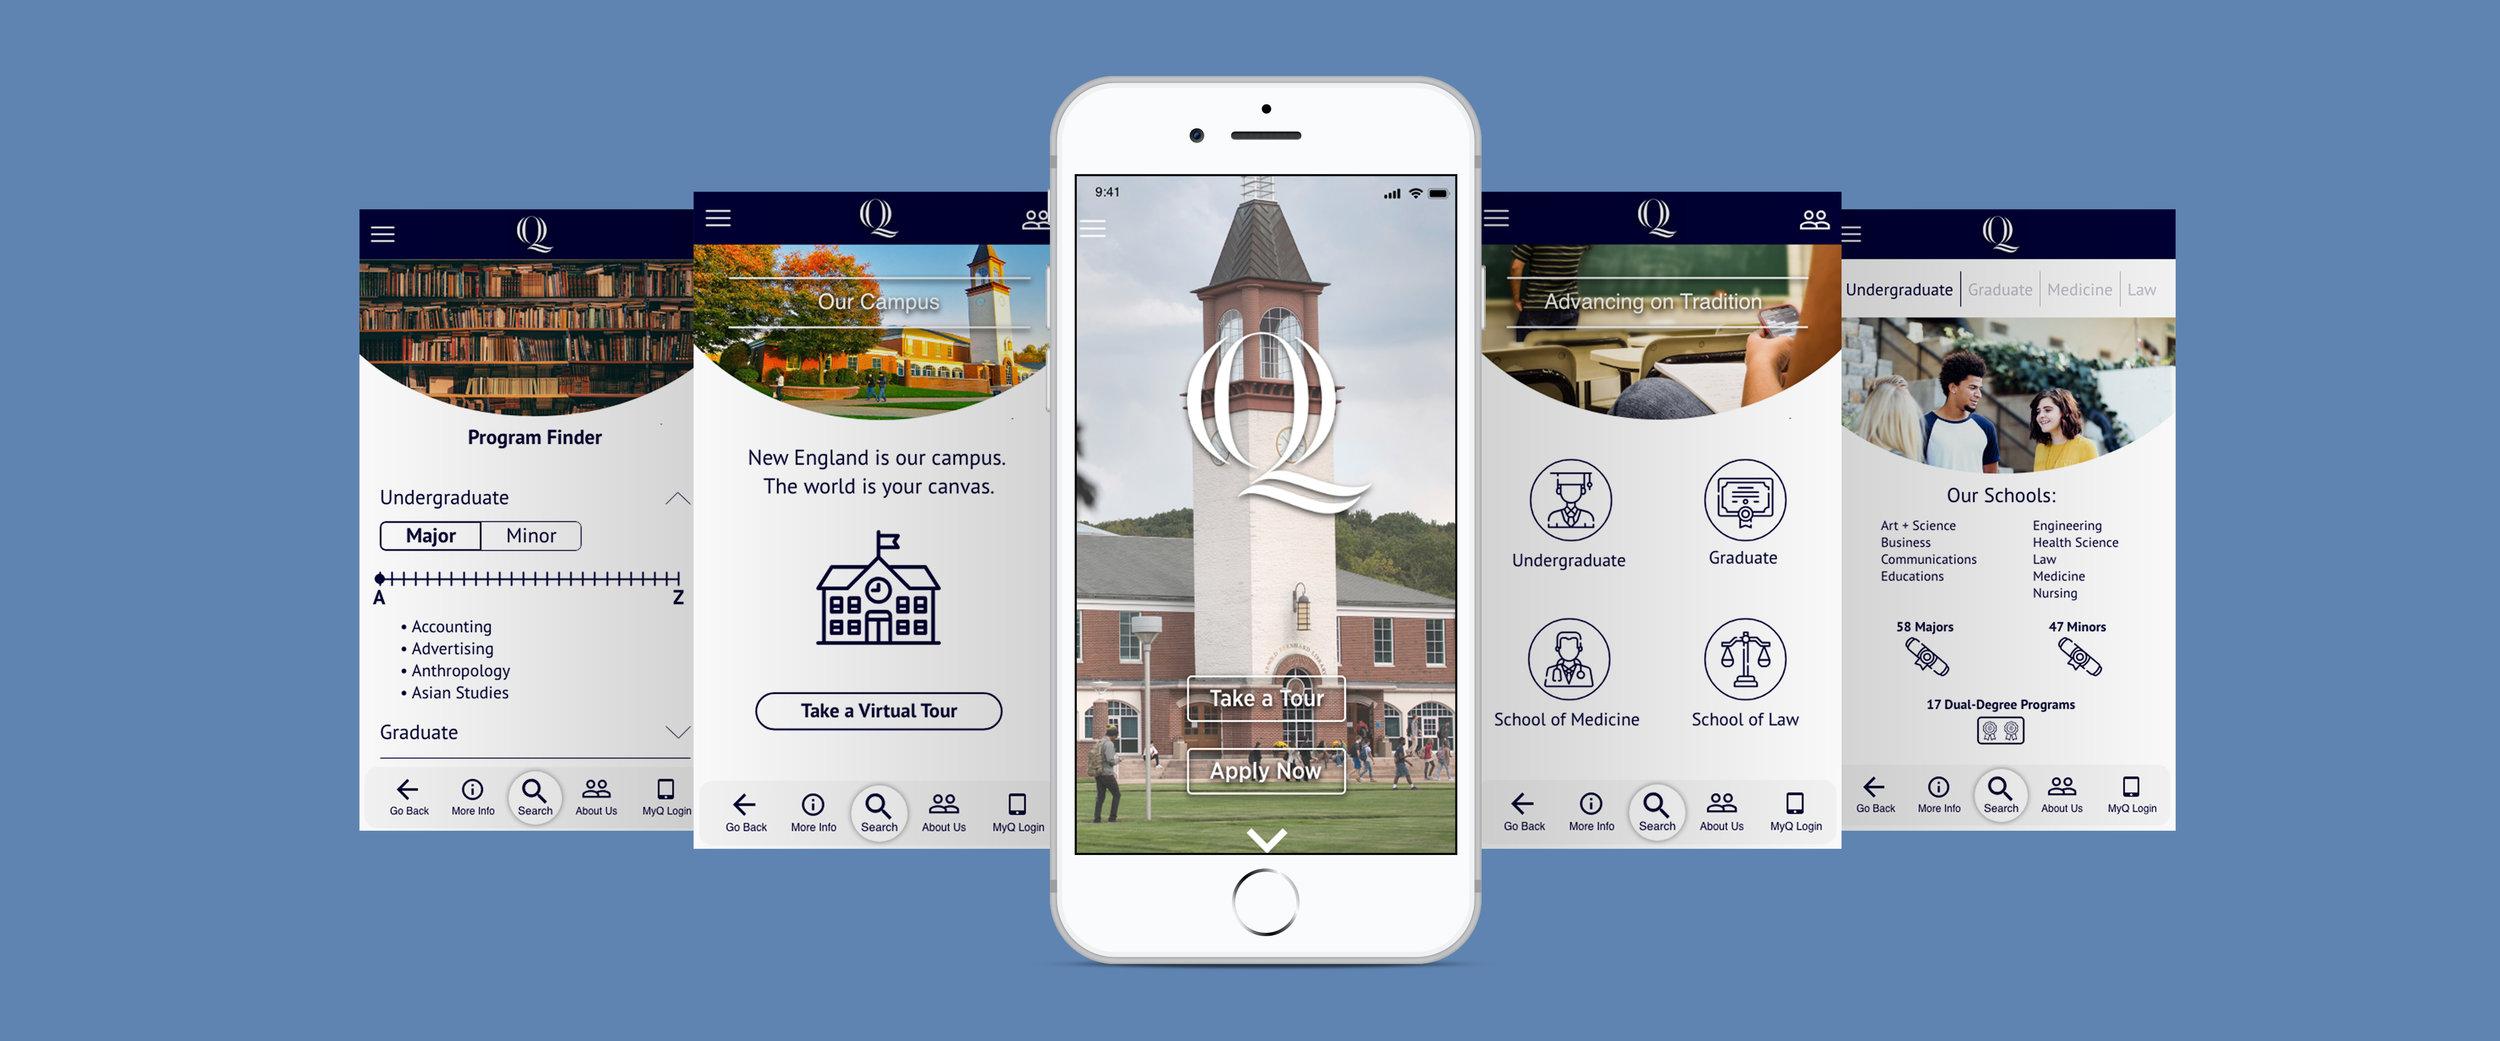 Quinnipiac Mobile App Re-Design - Full Project